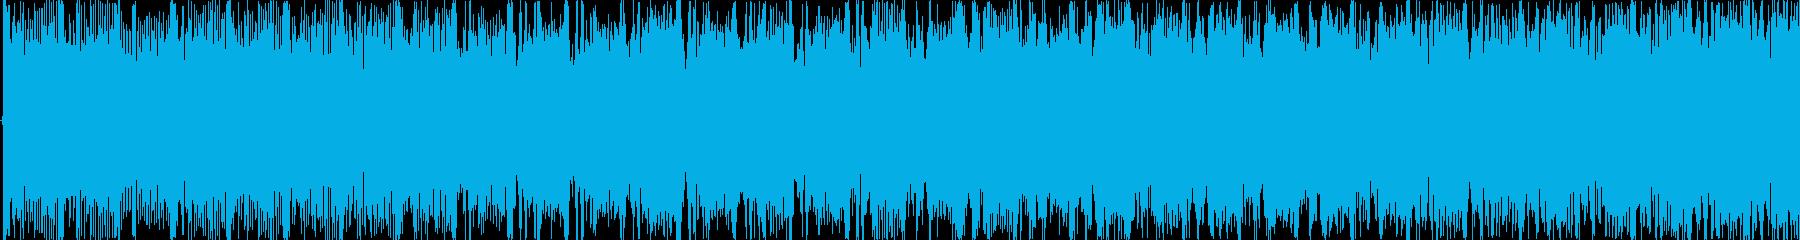 15秒の明るく爽やかエレクトロダンス曲の再生済みの波形